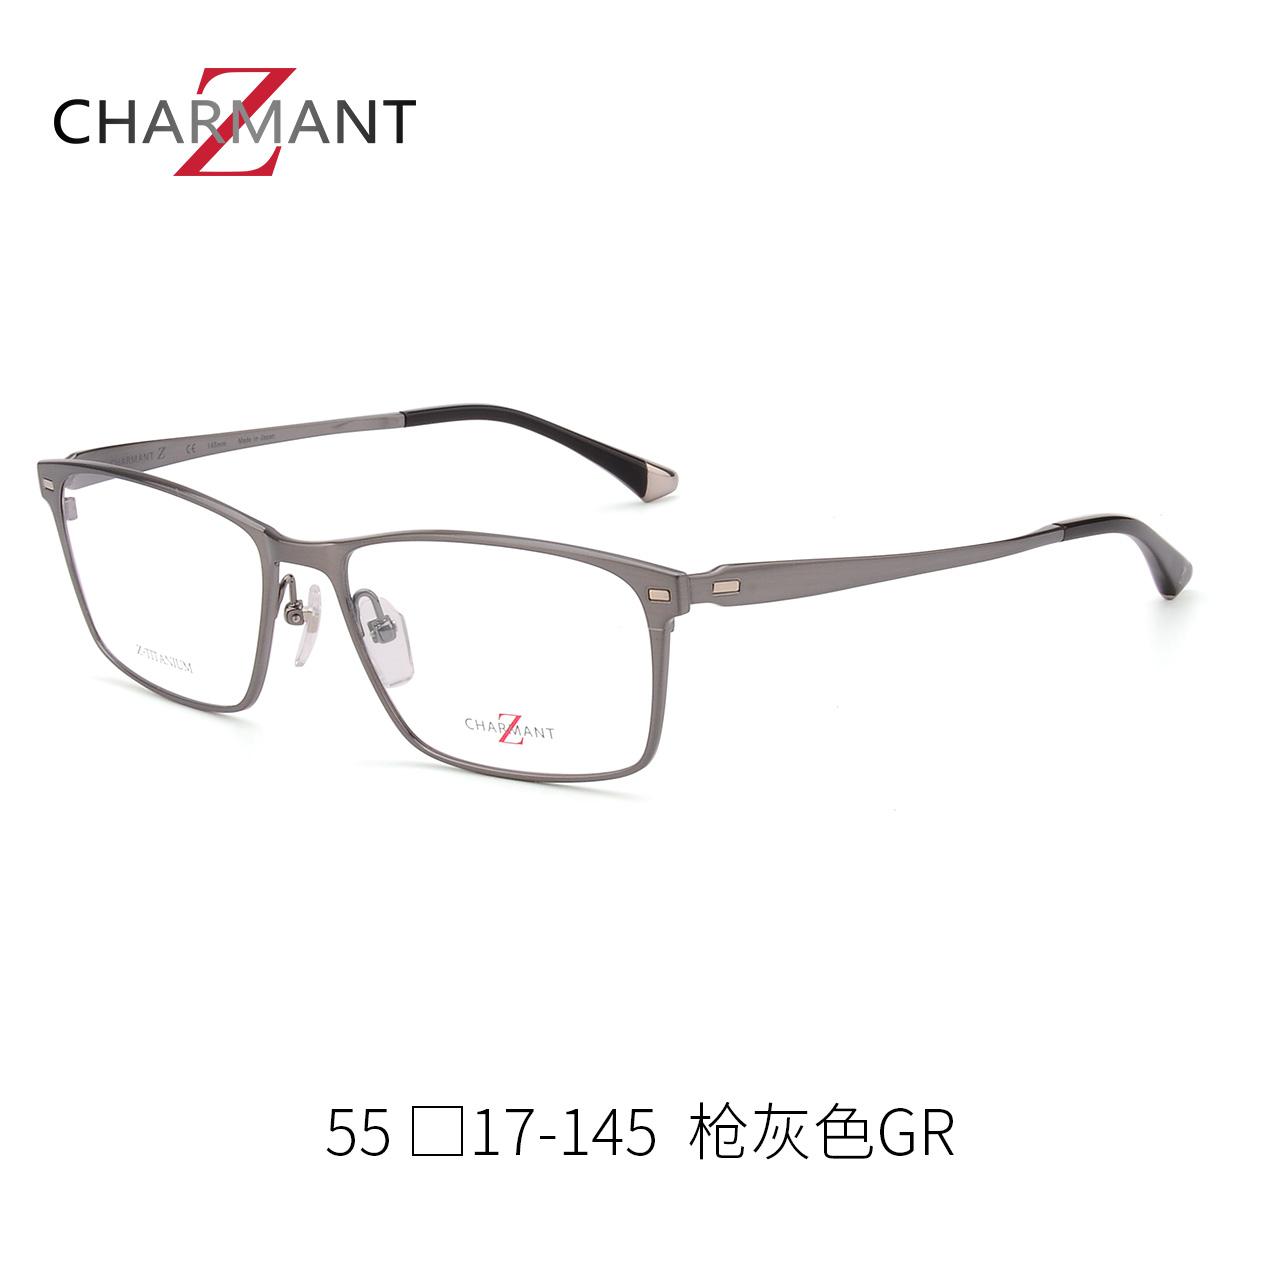 夏蒙眼镜框男 超轻Z钛商务全框精致潮流眼镜架配近视眼镜ZT19850